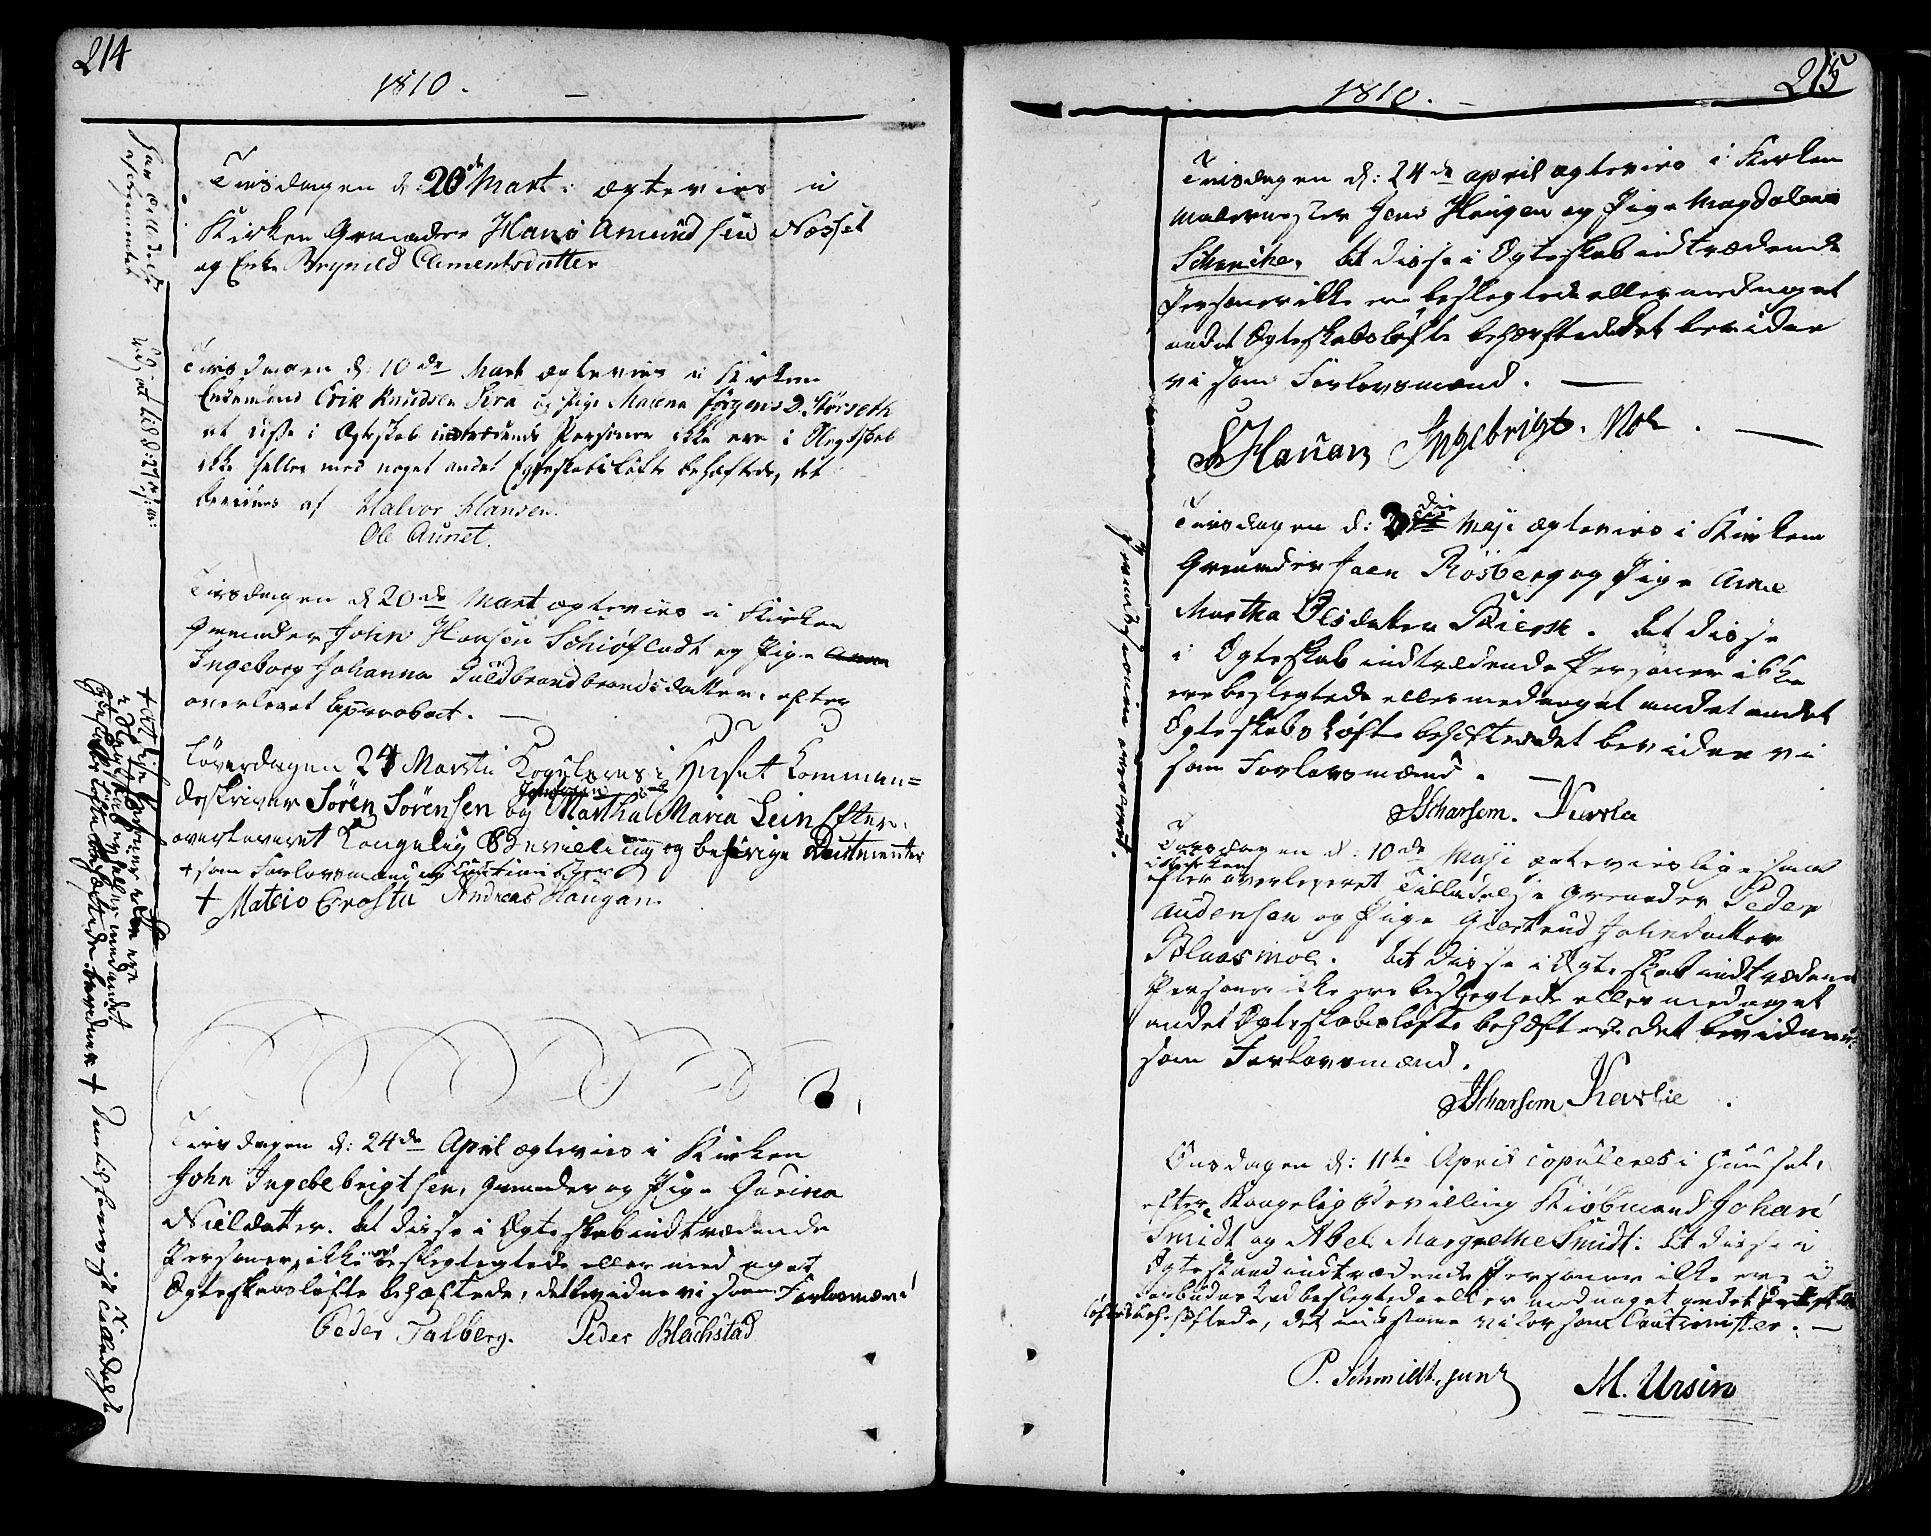 SAT, Ministerialprotokoller, klokkerbøker og fødselsregistre - Sør-Trøndelag, 602/L0105: Ministerialbok nr. 602A03, 1774-1814, s. 214-215